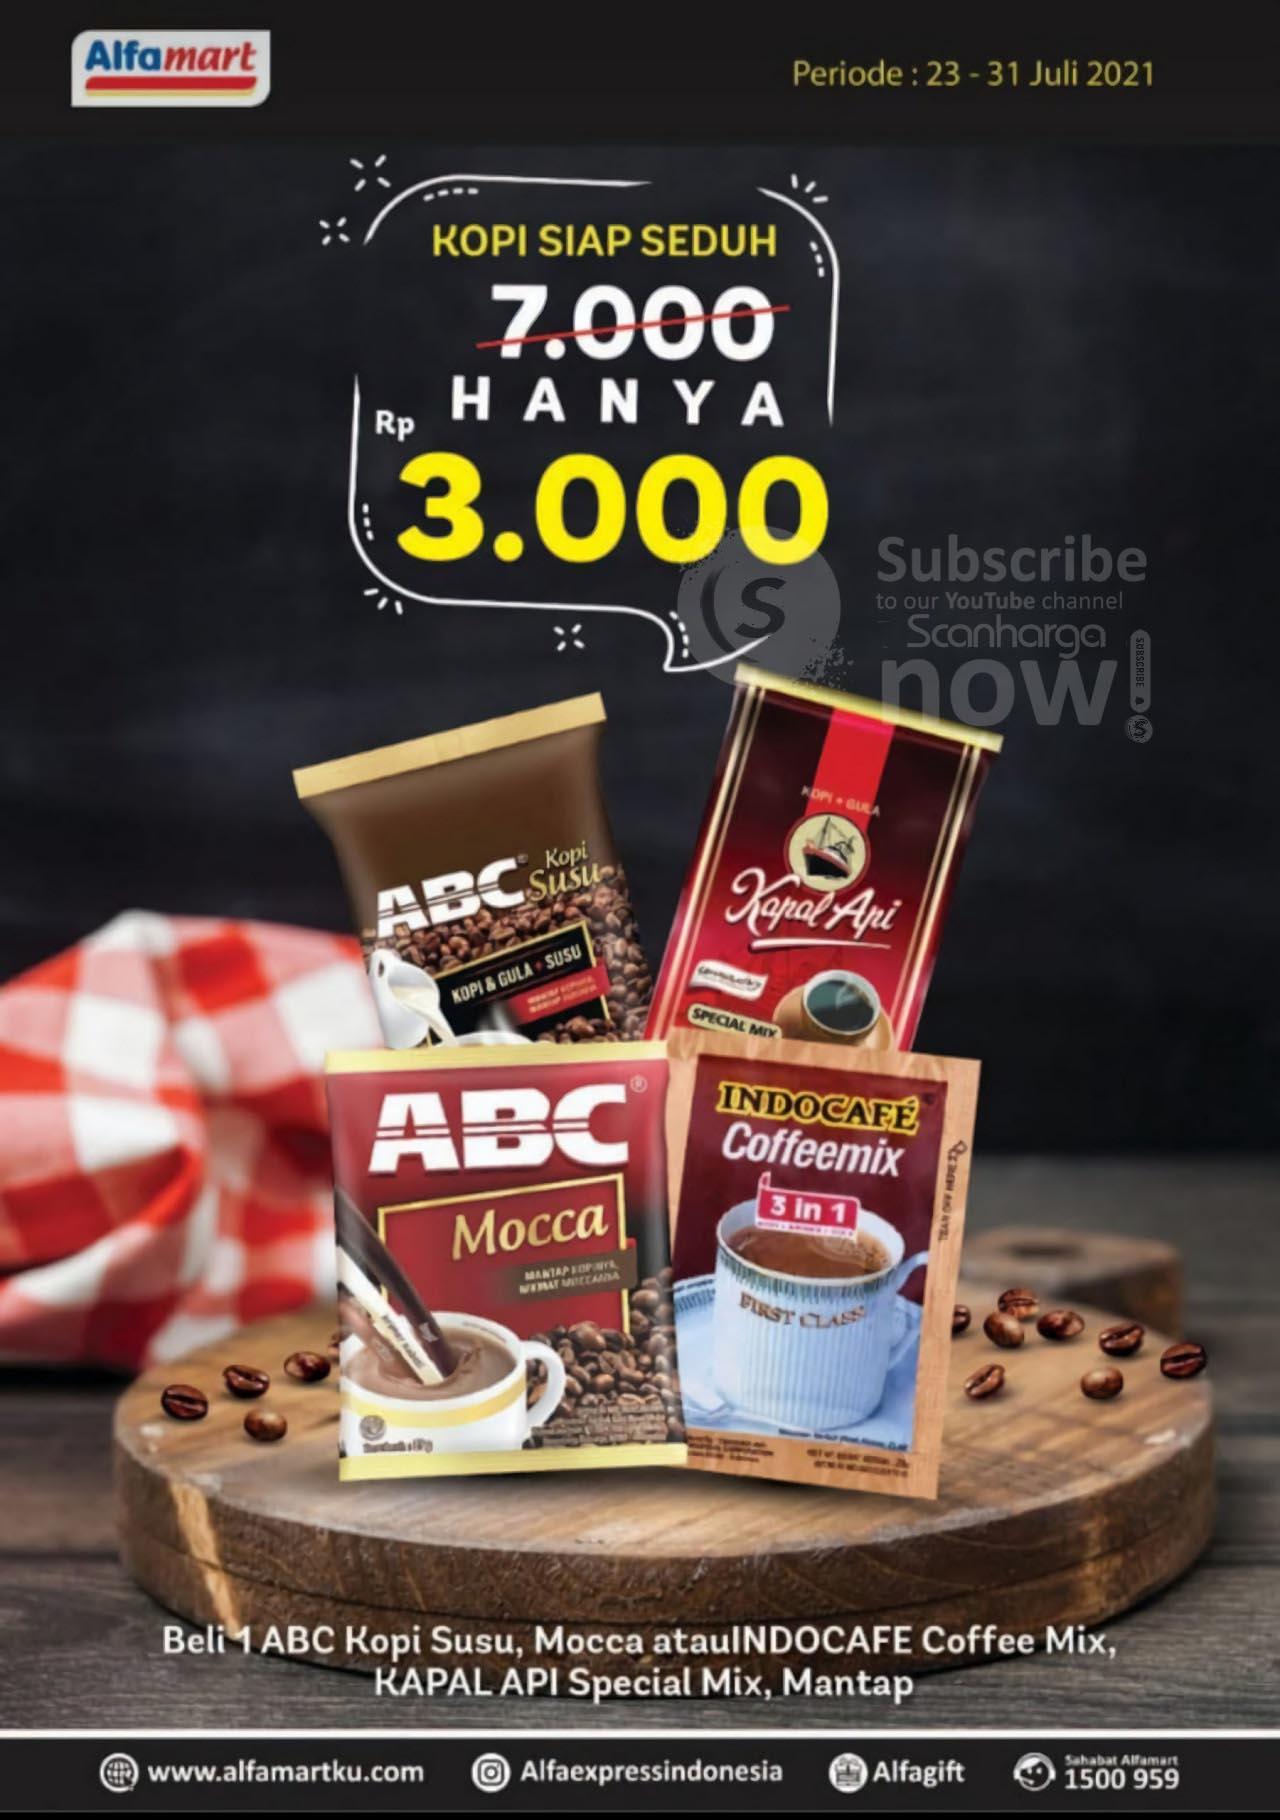 ALFAMART Promo Kopi Siap Seduh Harga hanya Rp. 3.000